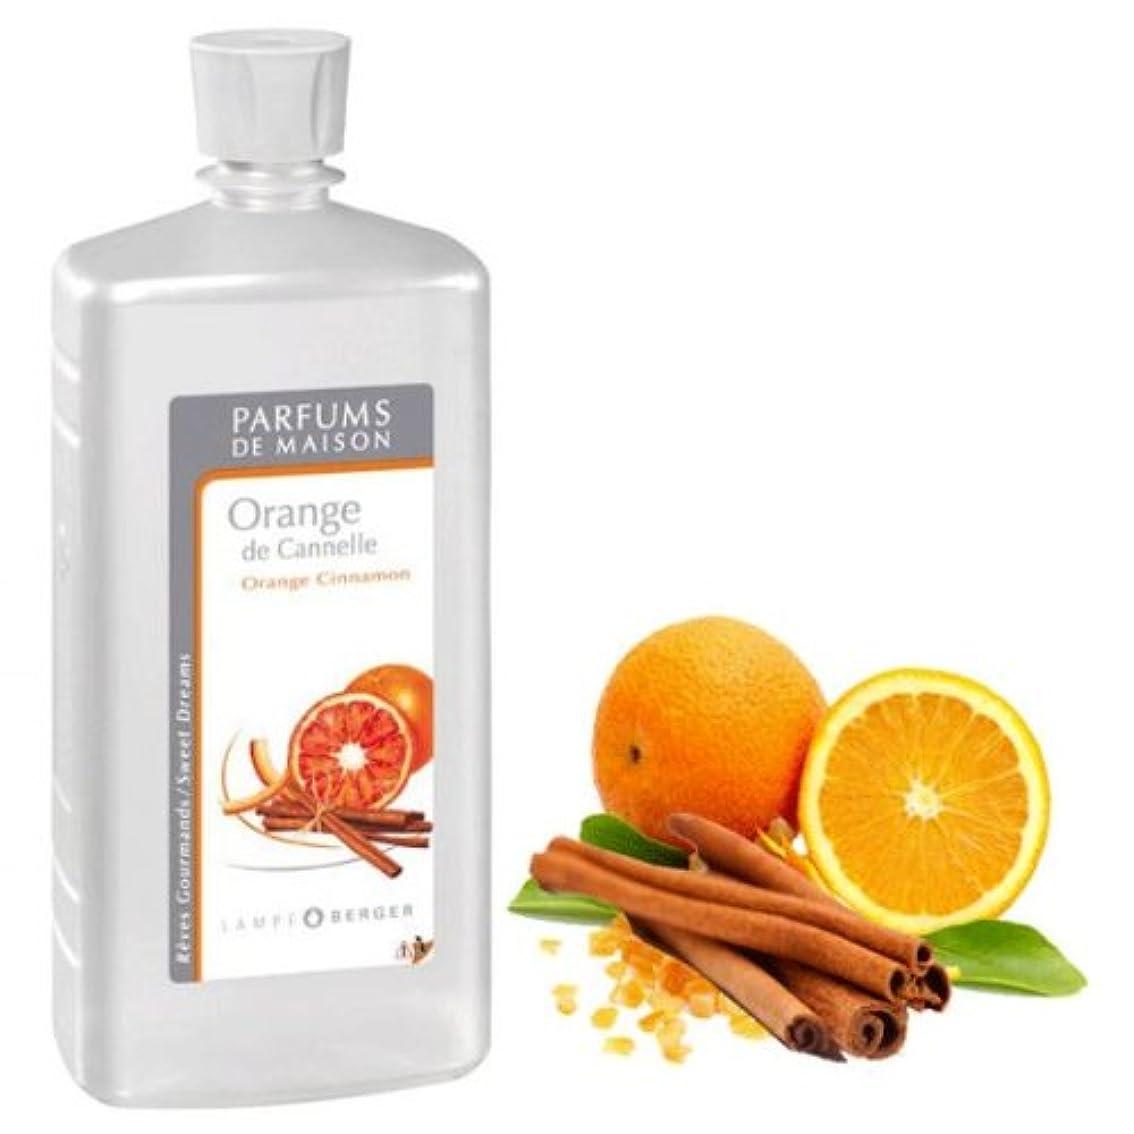 うなずく通常温度計【フランス版】ランプベルジェオイル1L オレンジシナモン